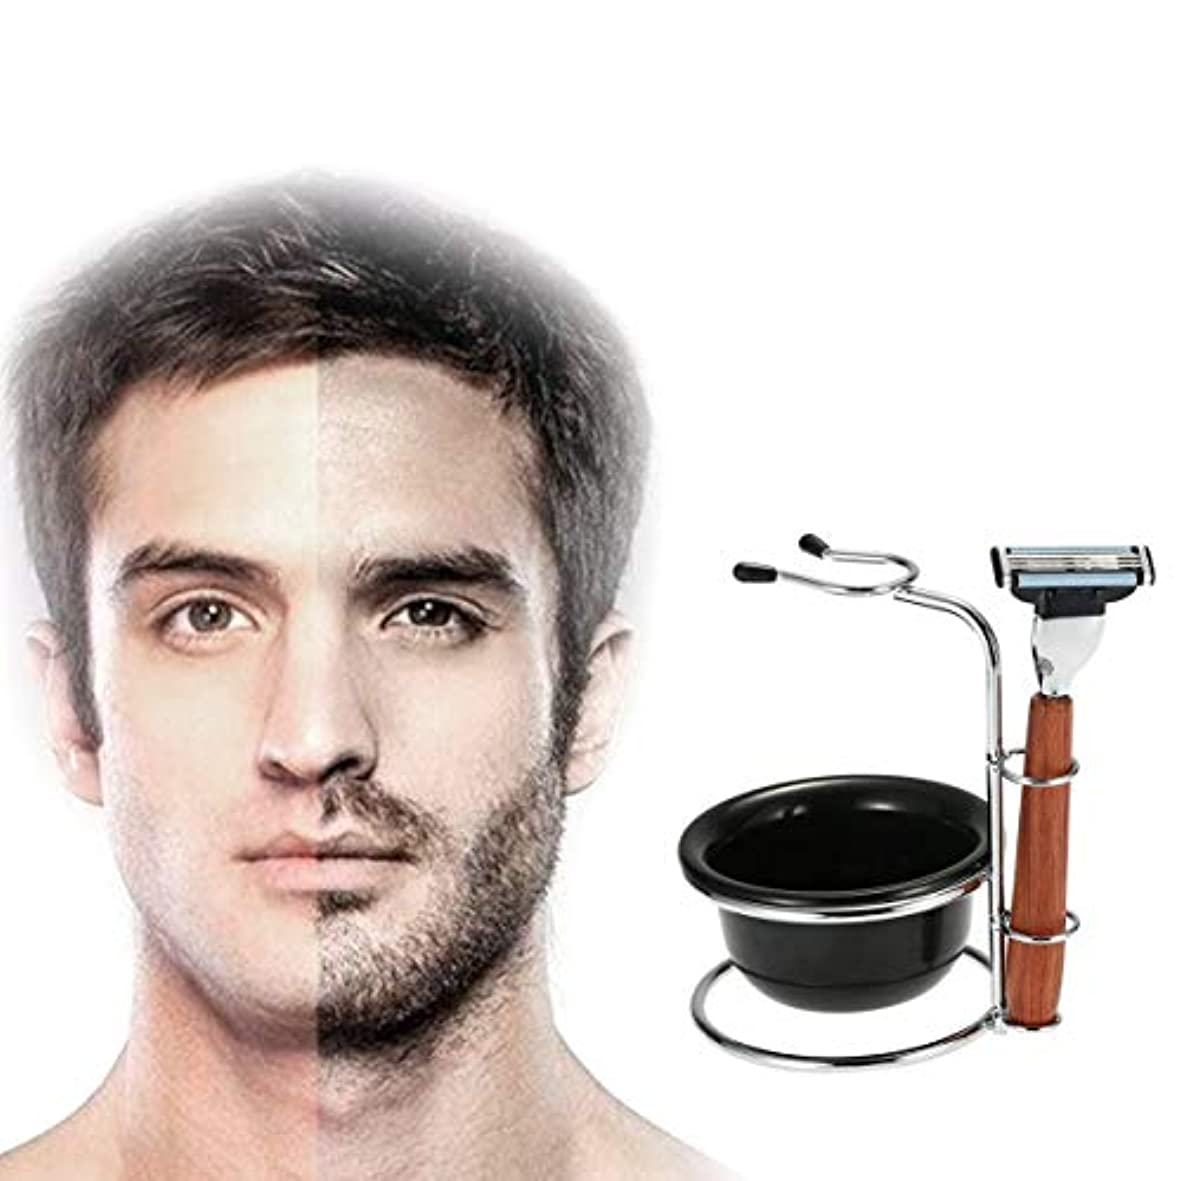 ルールより多い論争的Manual Shaving Set Old-fashioned Beard Razor Rosewood Men Shavers Shaving Razor Hair Trimmer Washable For Home...